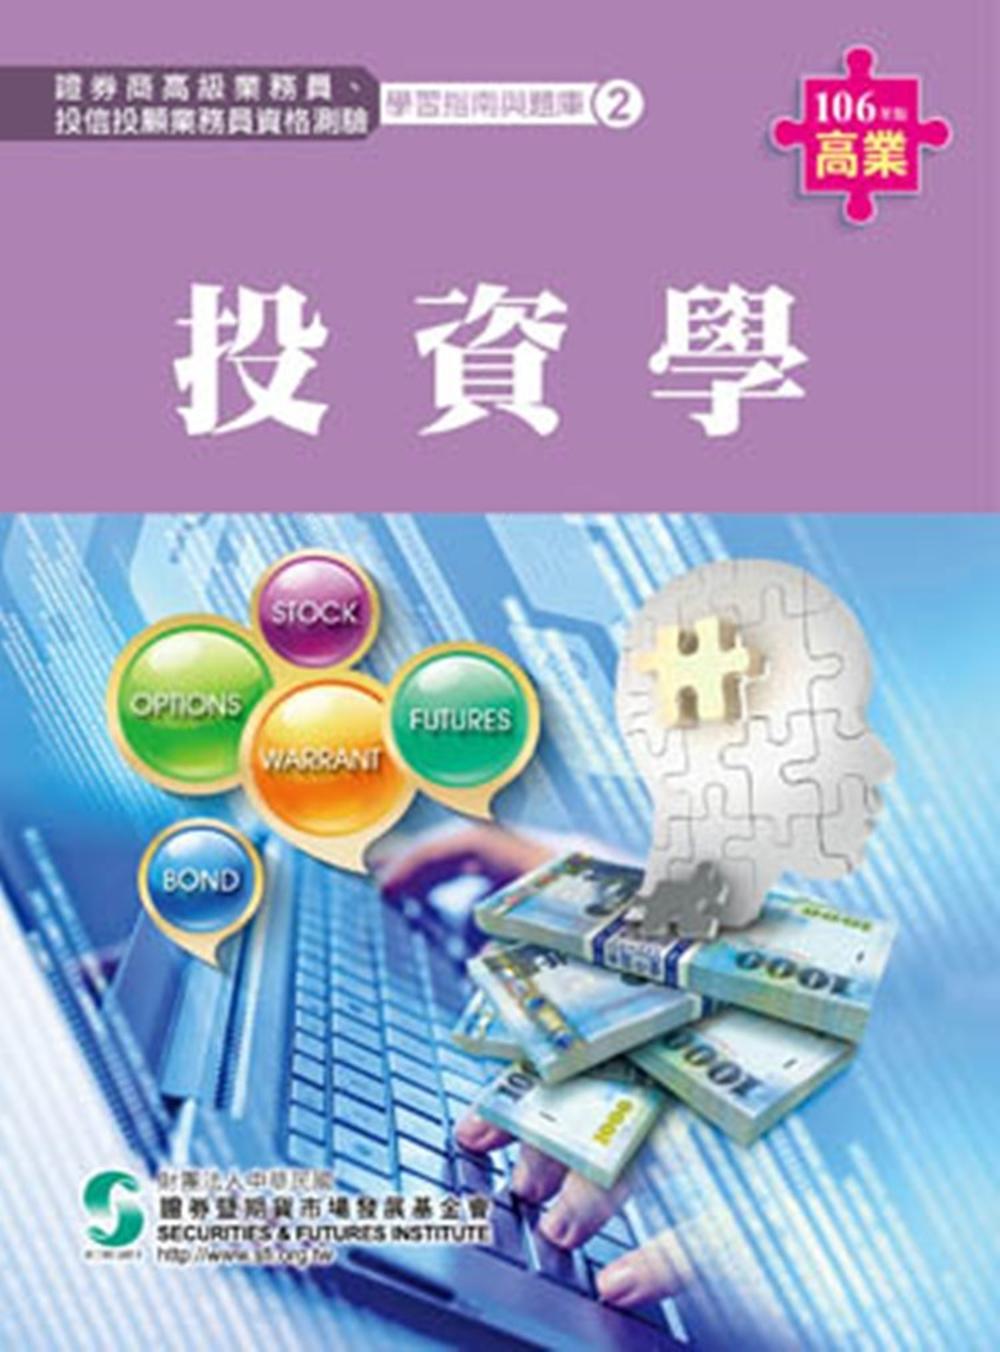 106投資學(學習指南與題庫2)-高業.投信投顧業務員資格測驗適用